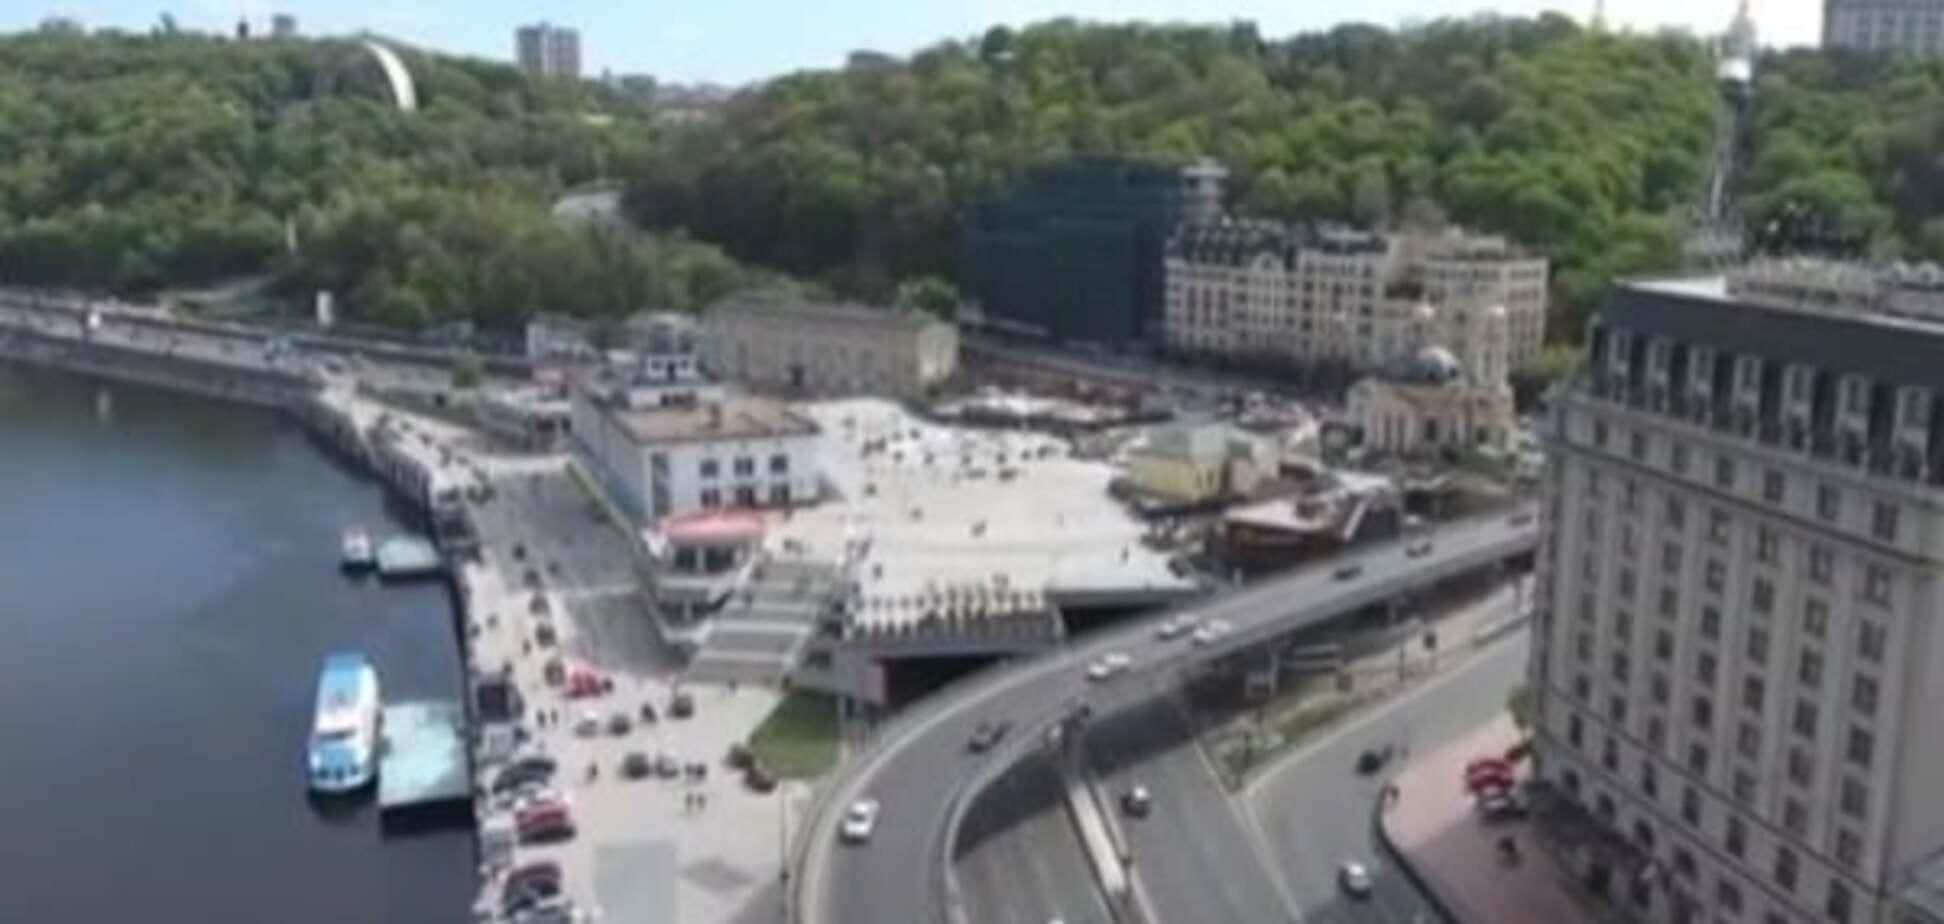 Поштову площу в Києві зняли з висоти пташиного польоту